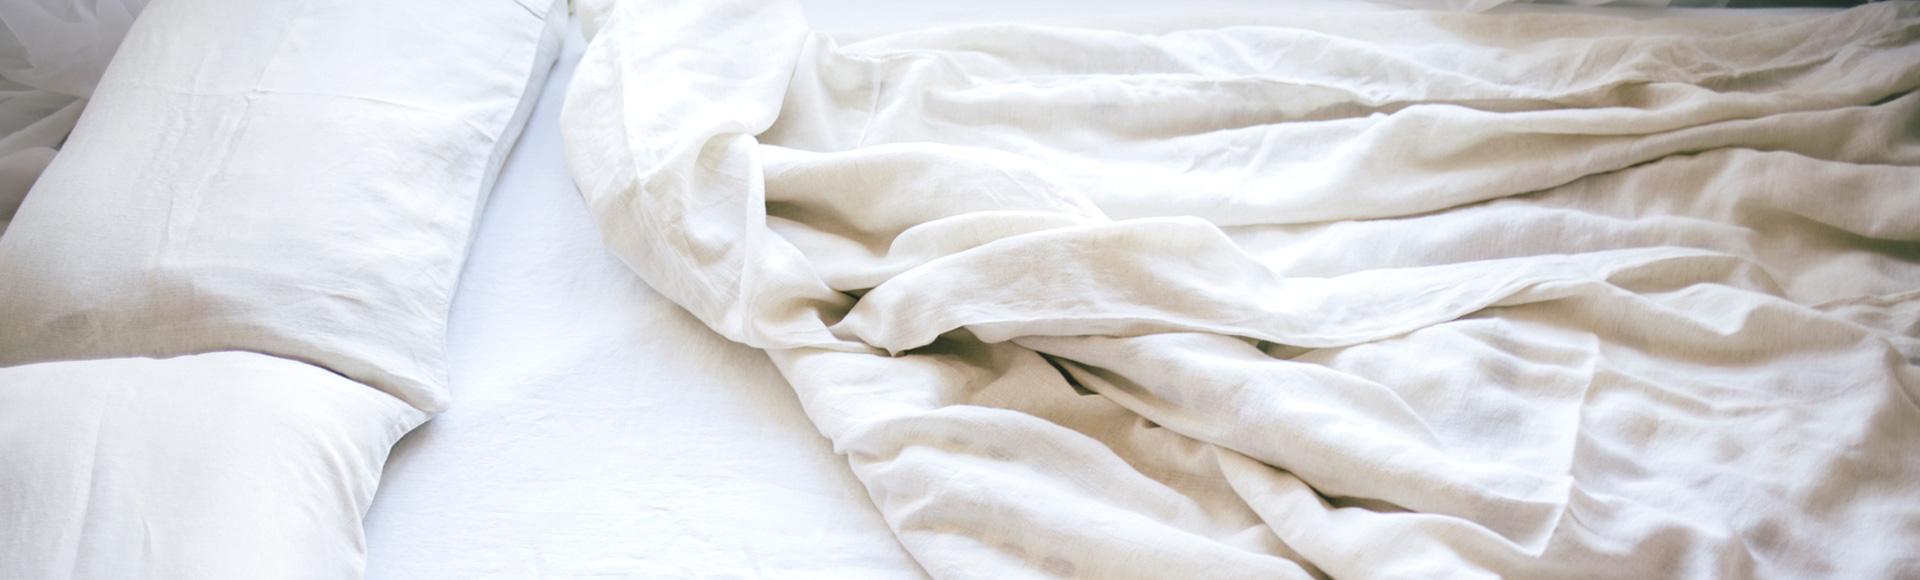 werden unterw sche bettw sche und handt cher nur bei 90 grad hygienisch sauber bewusst. Black Bedroom Furniture Sets. Home Design Ideas